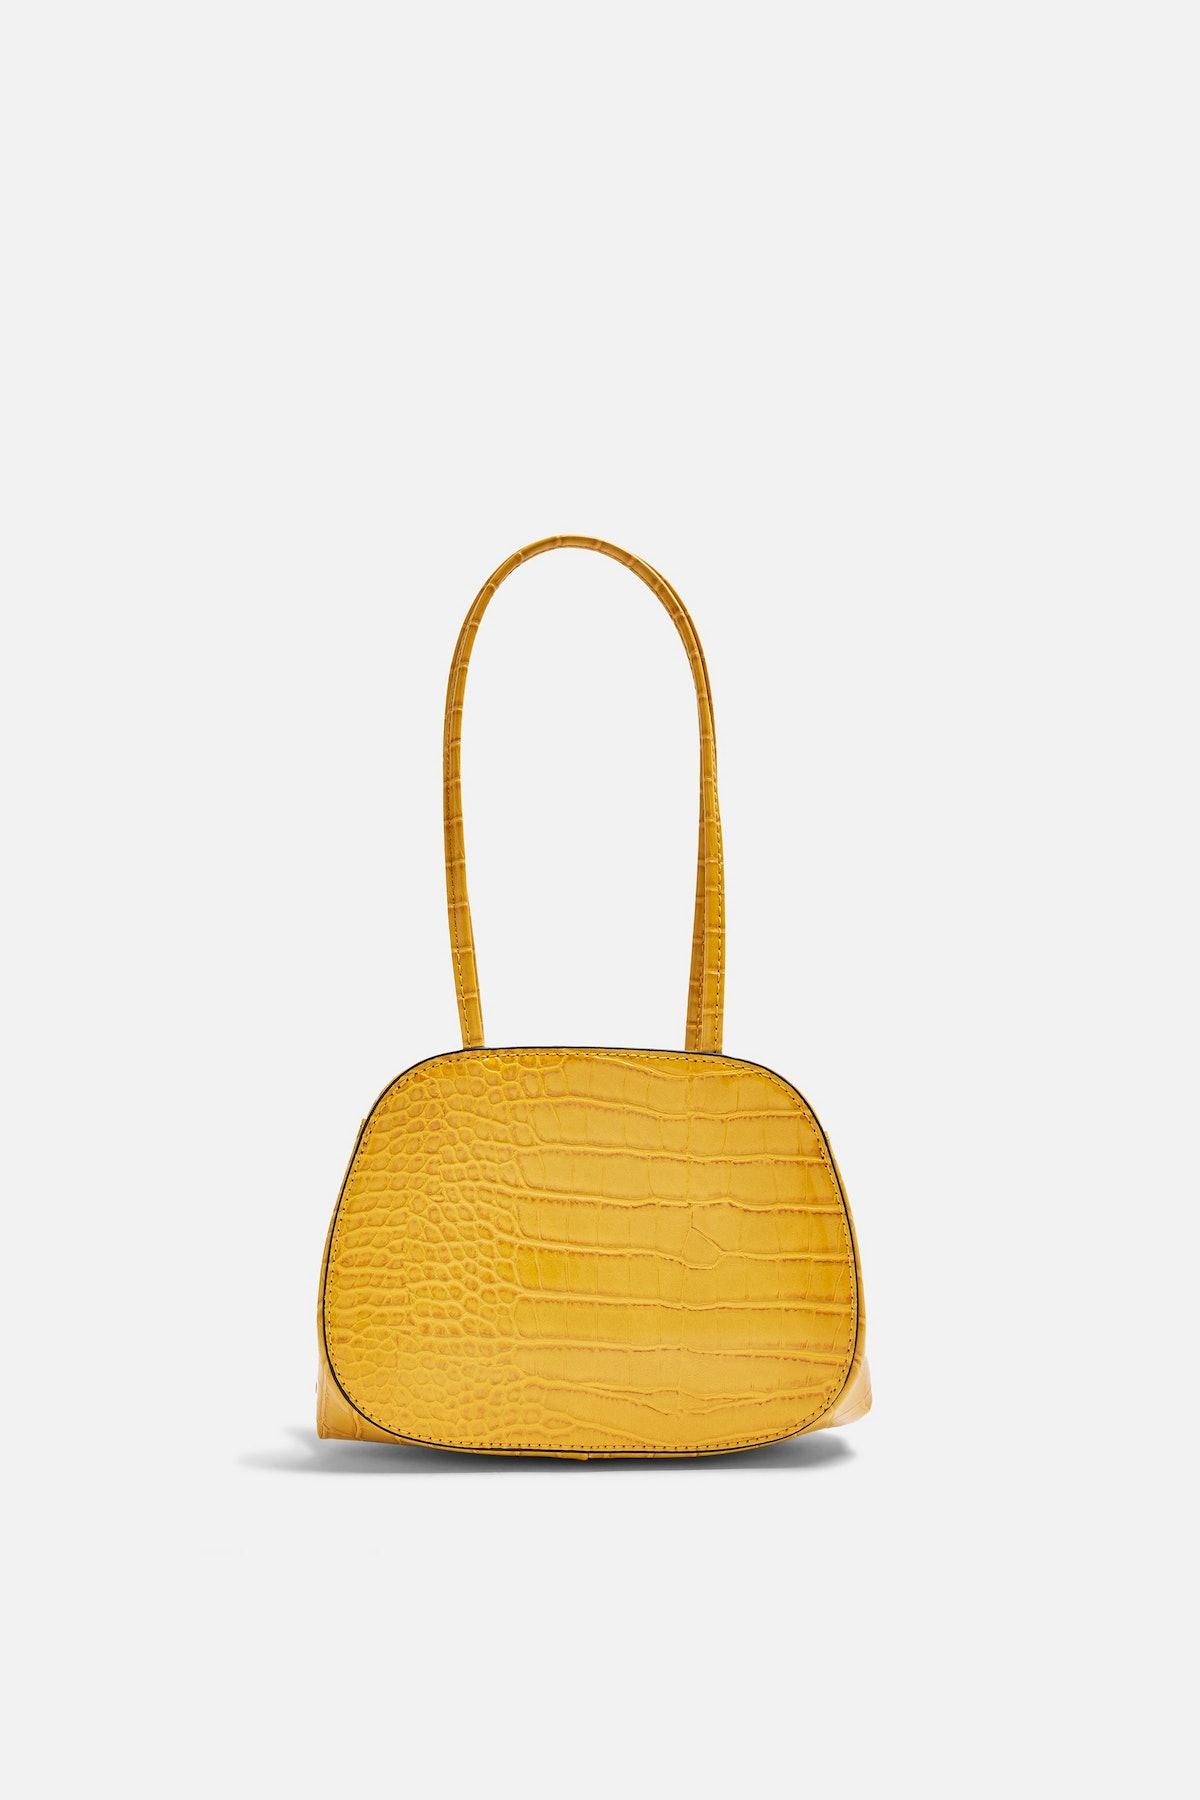 SHINE Yellow Crocodile Mini Shoulder Bag